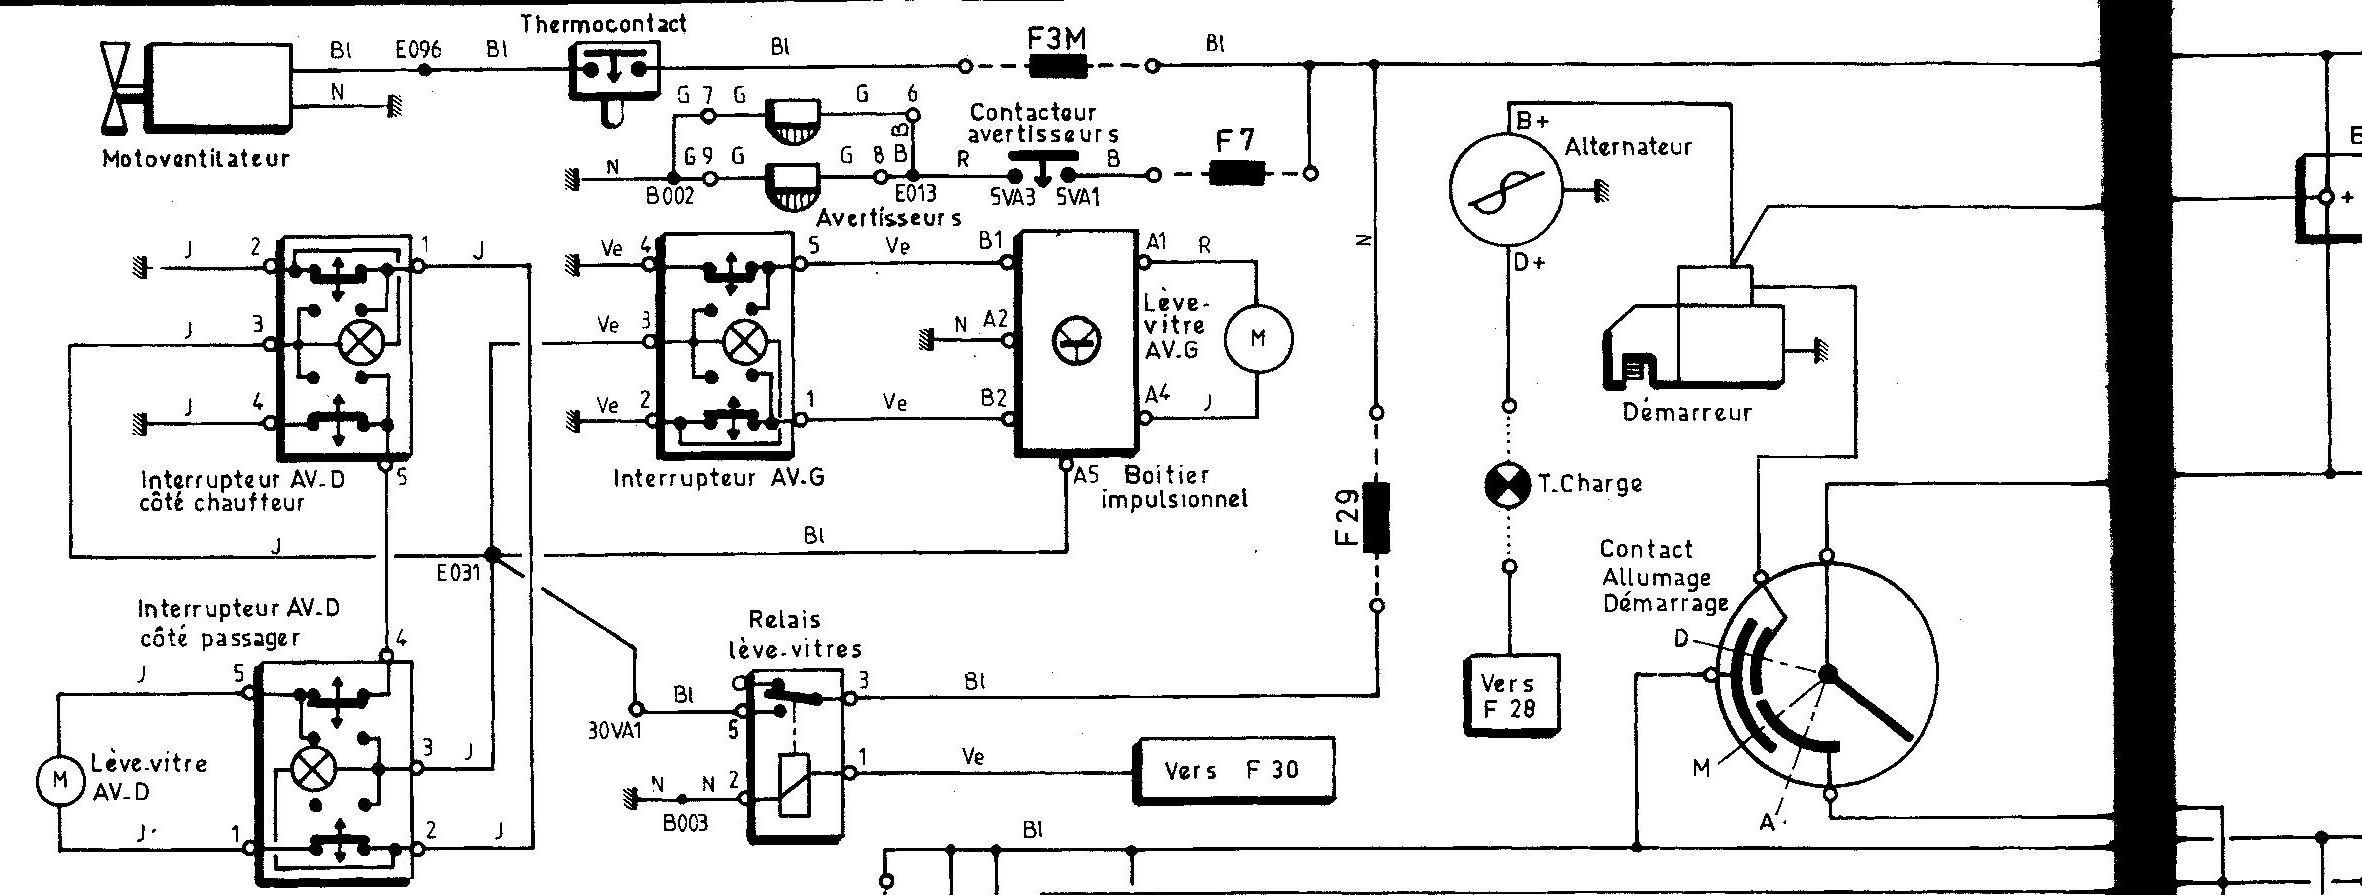 schema electrique citroen xm